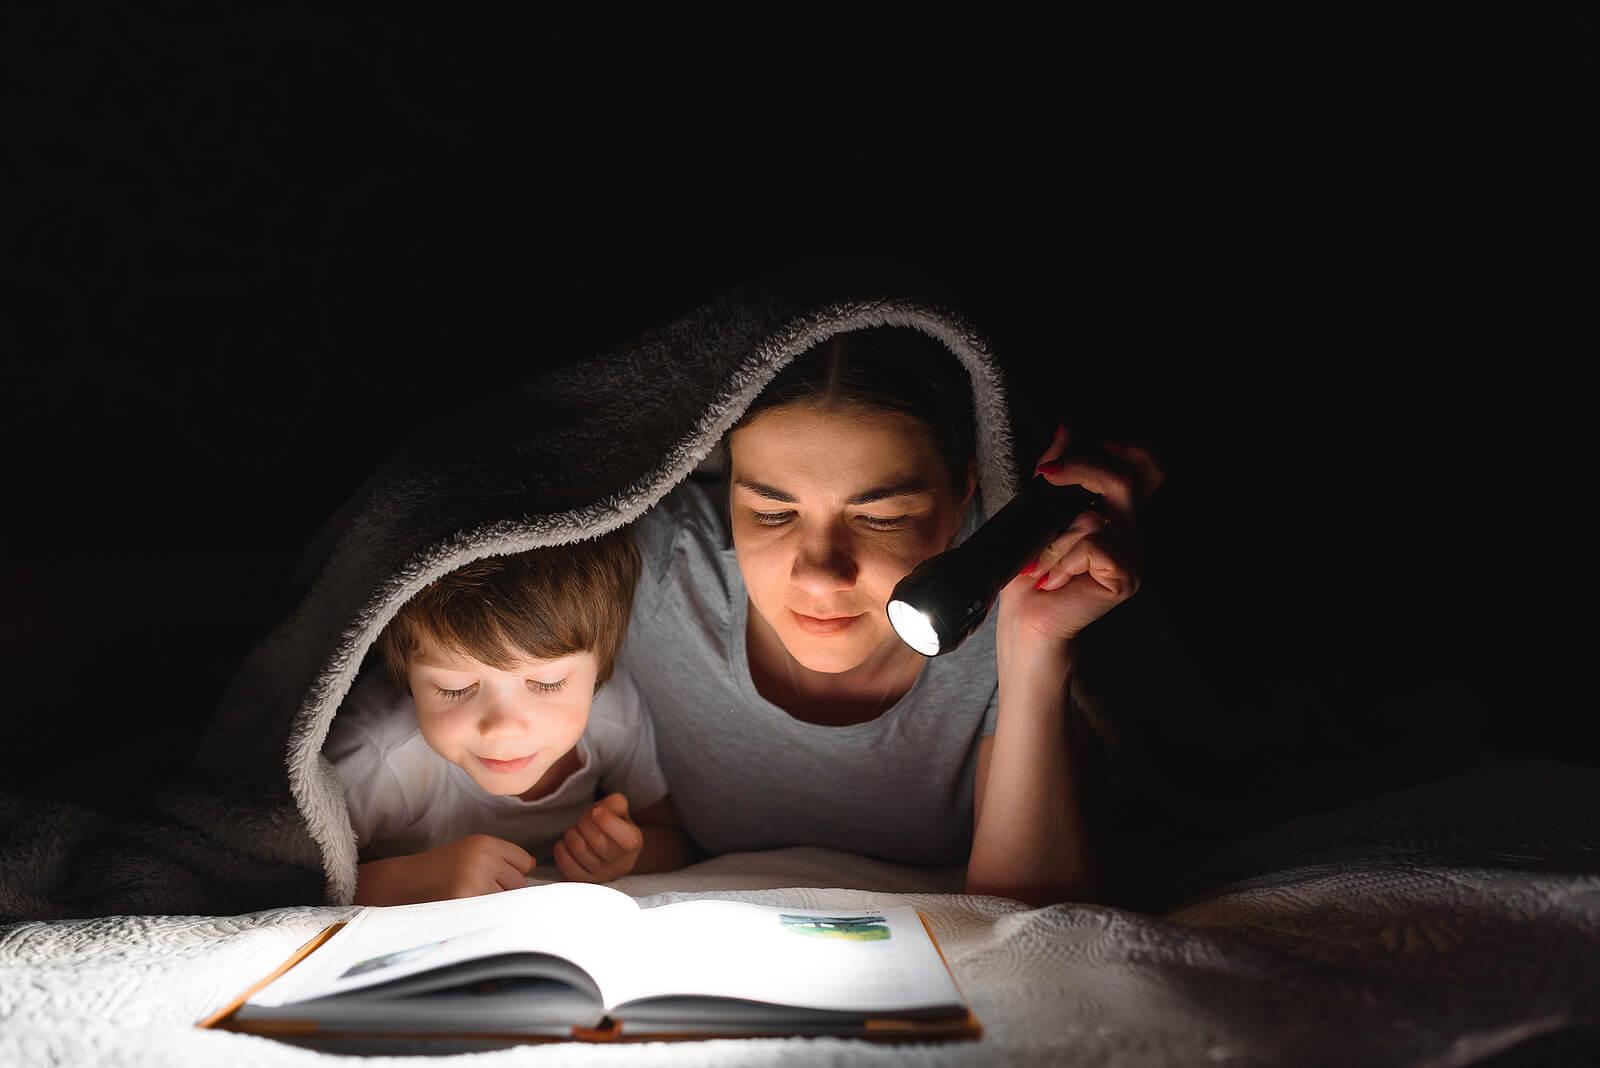 Madre con su hijo leyendo un cuento a la luz de la linterna mientras se tapan con las sábanas de la cama.